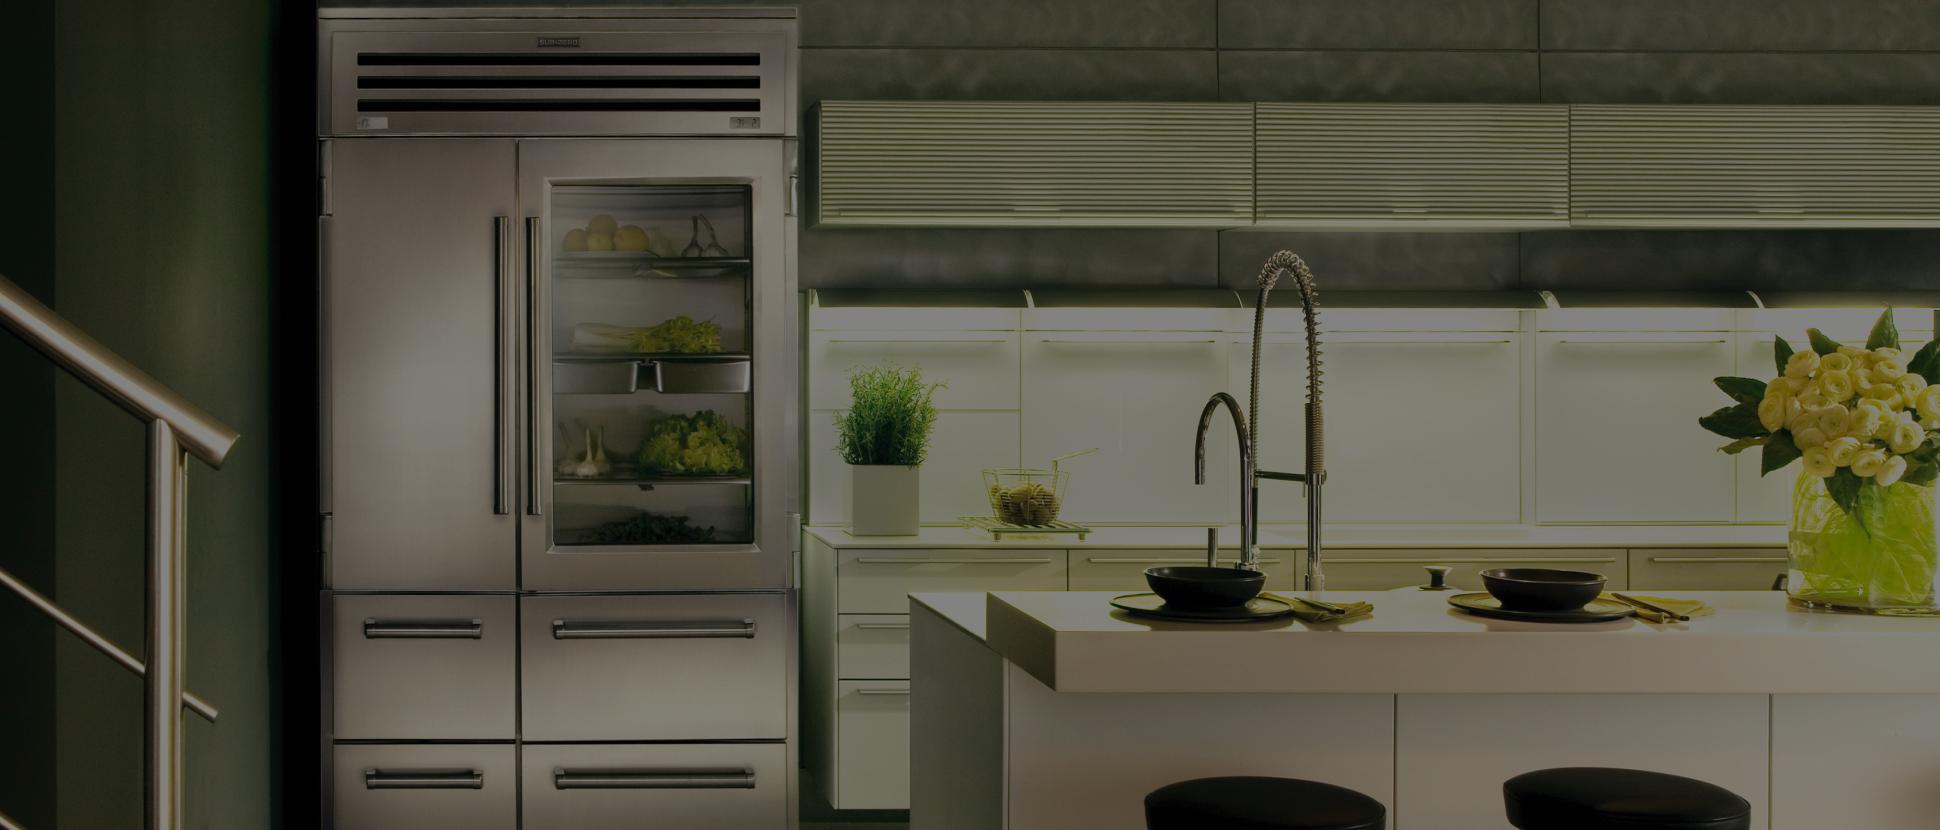 Holz-Modul. Carpintería Modular Residencial. Artículos para cocina | Artículos para baño